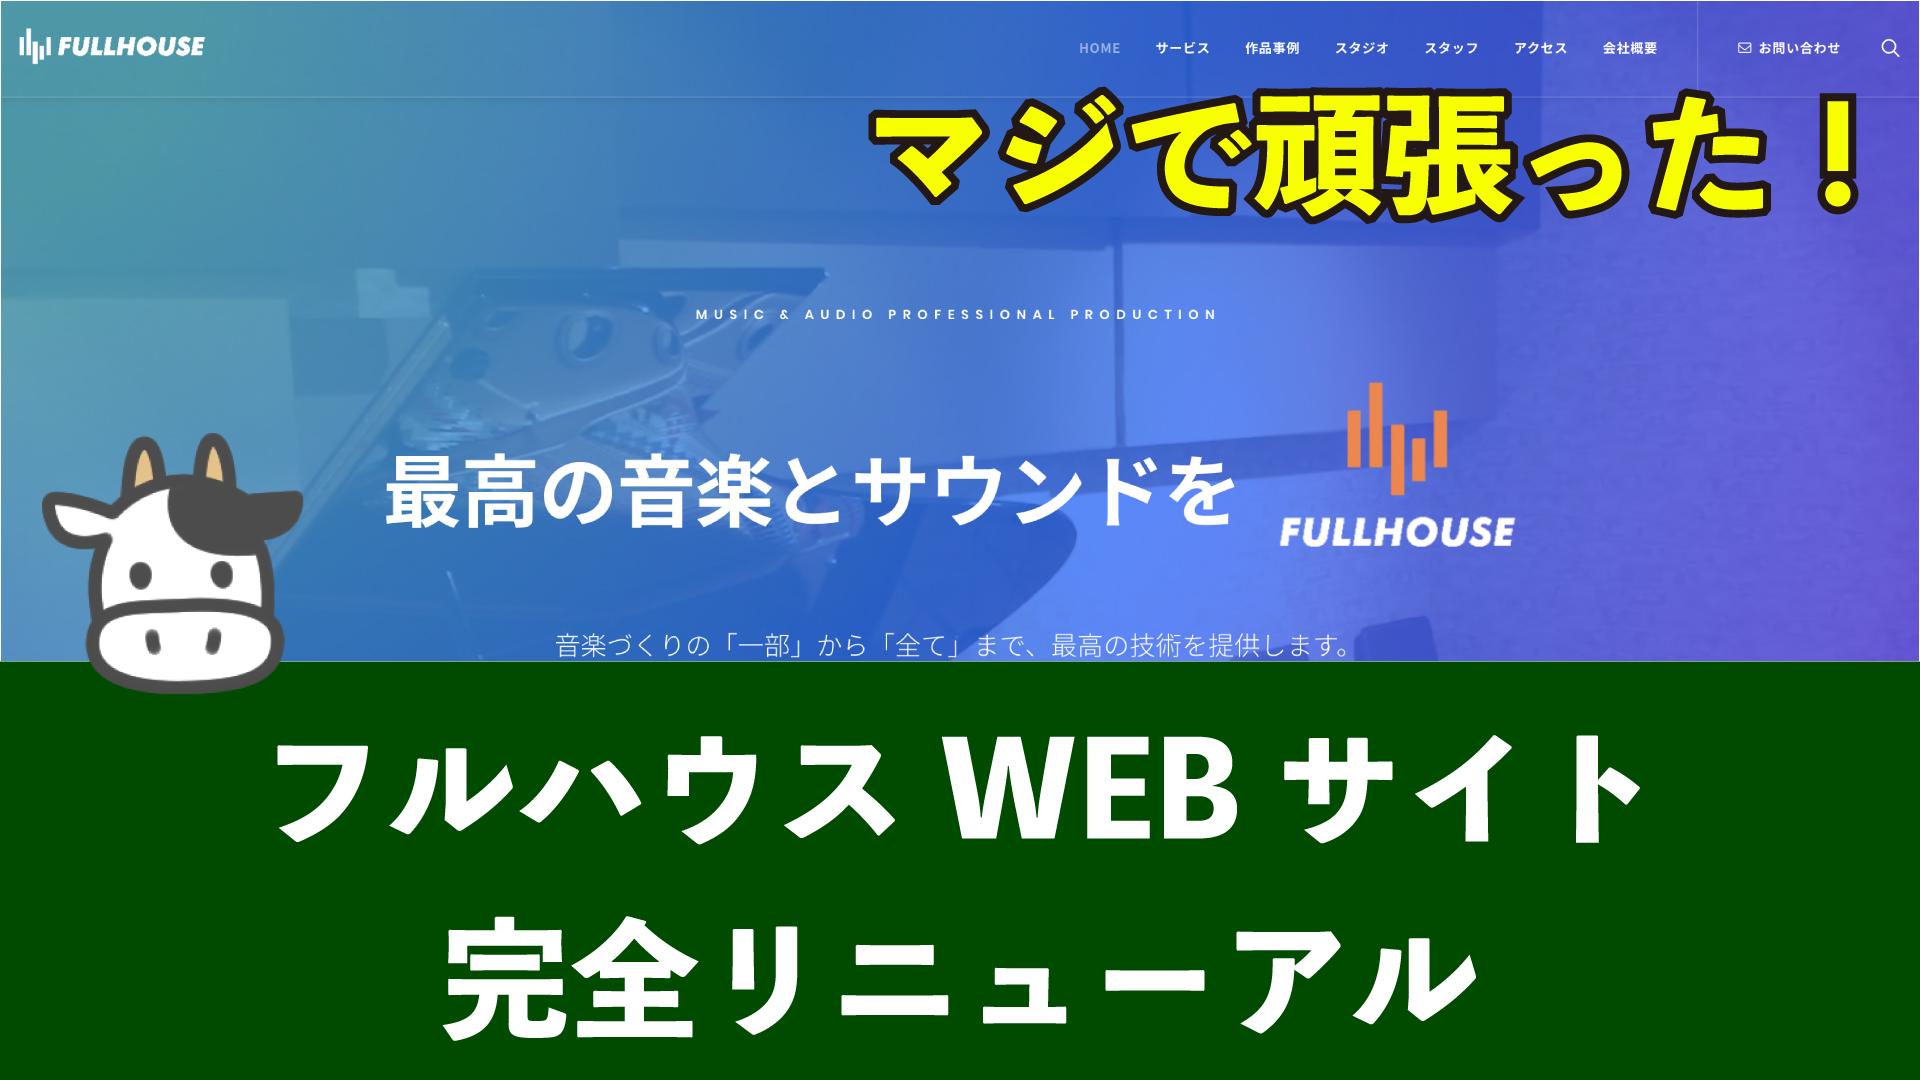 フルハウスのWEBサイトをリニューアル